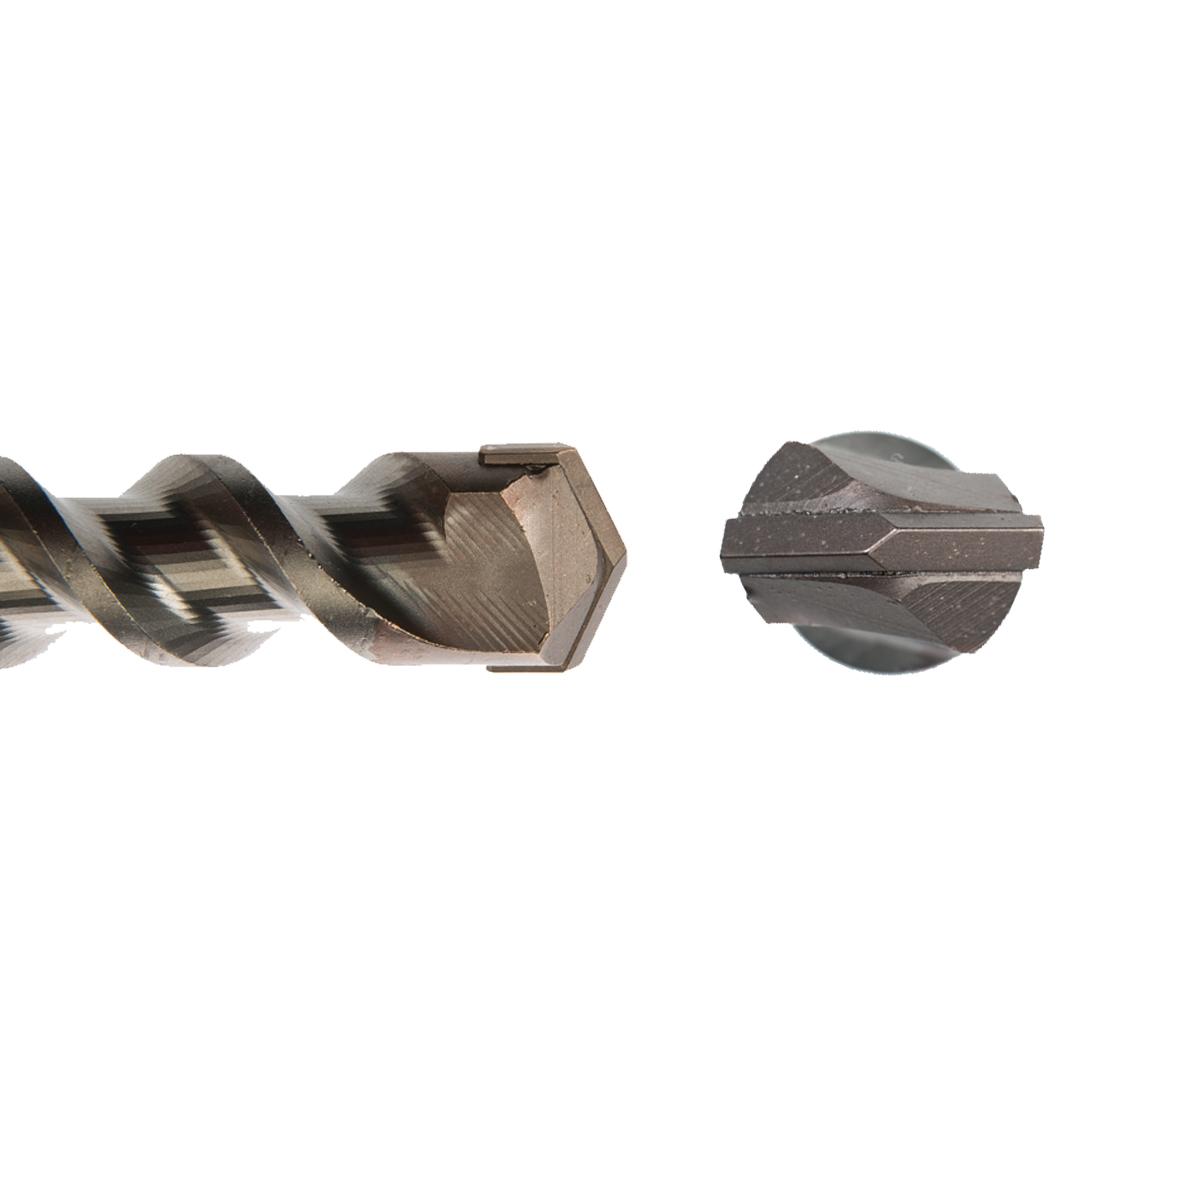 SDS Max Hammer Drill Bits - Single Tip